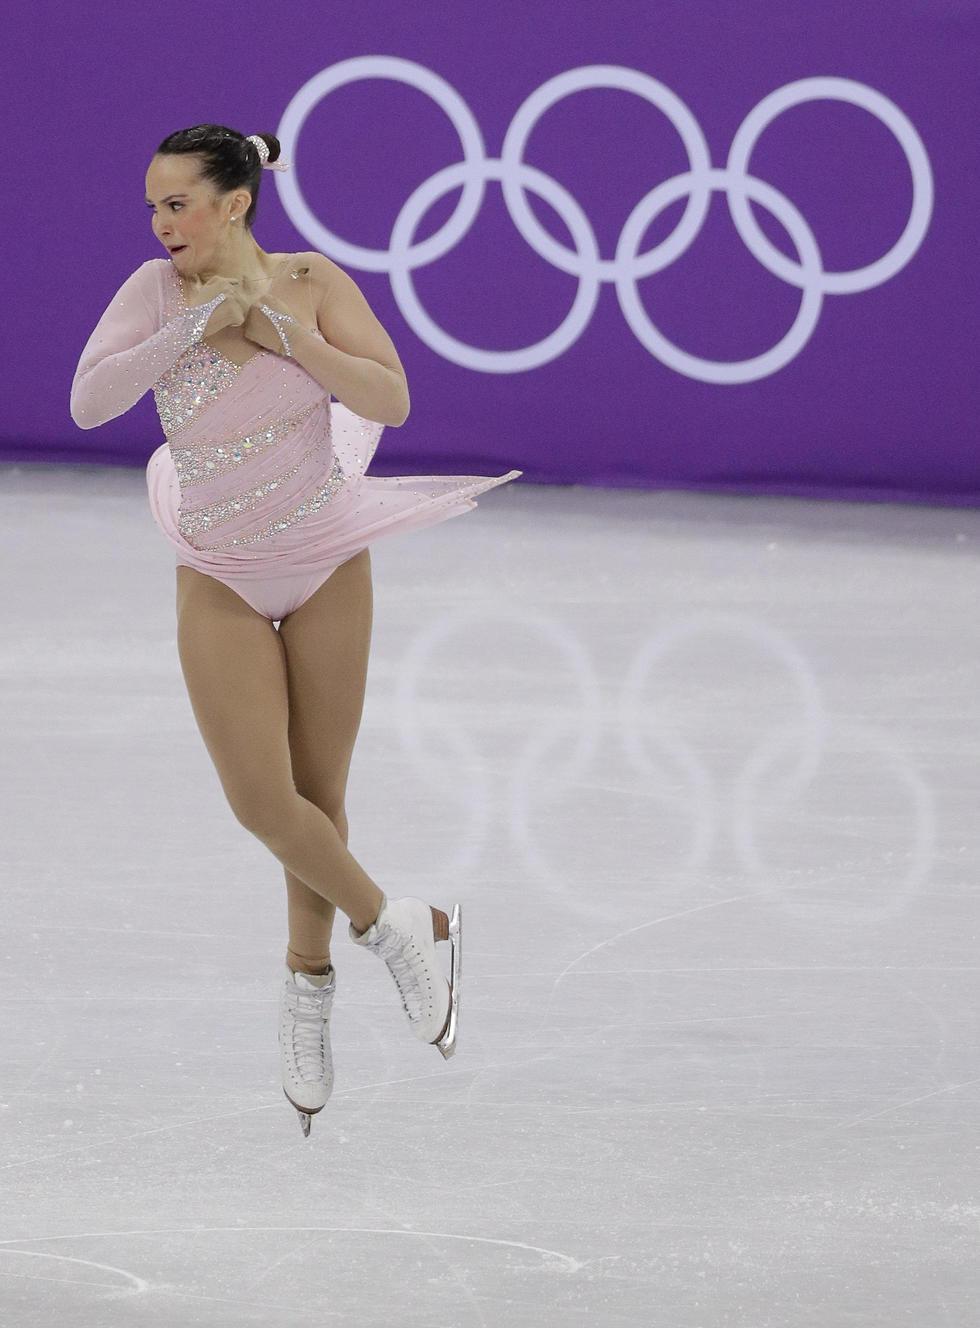 וכך היא נראית בפעולה (צילום: AFP) (צילום: AFP)